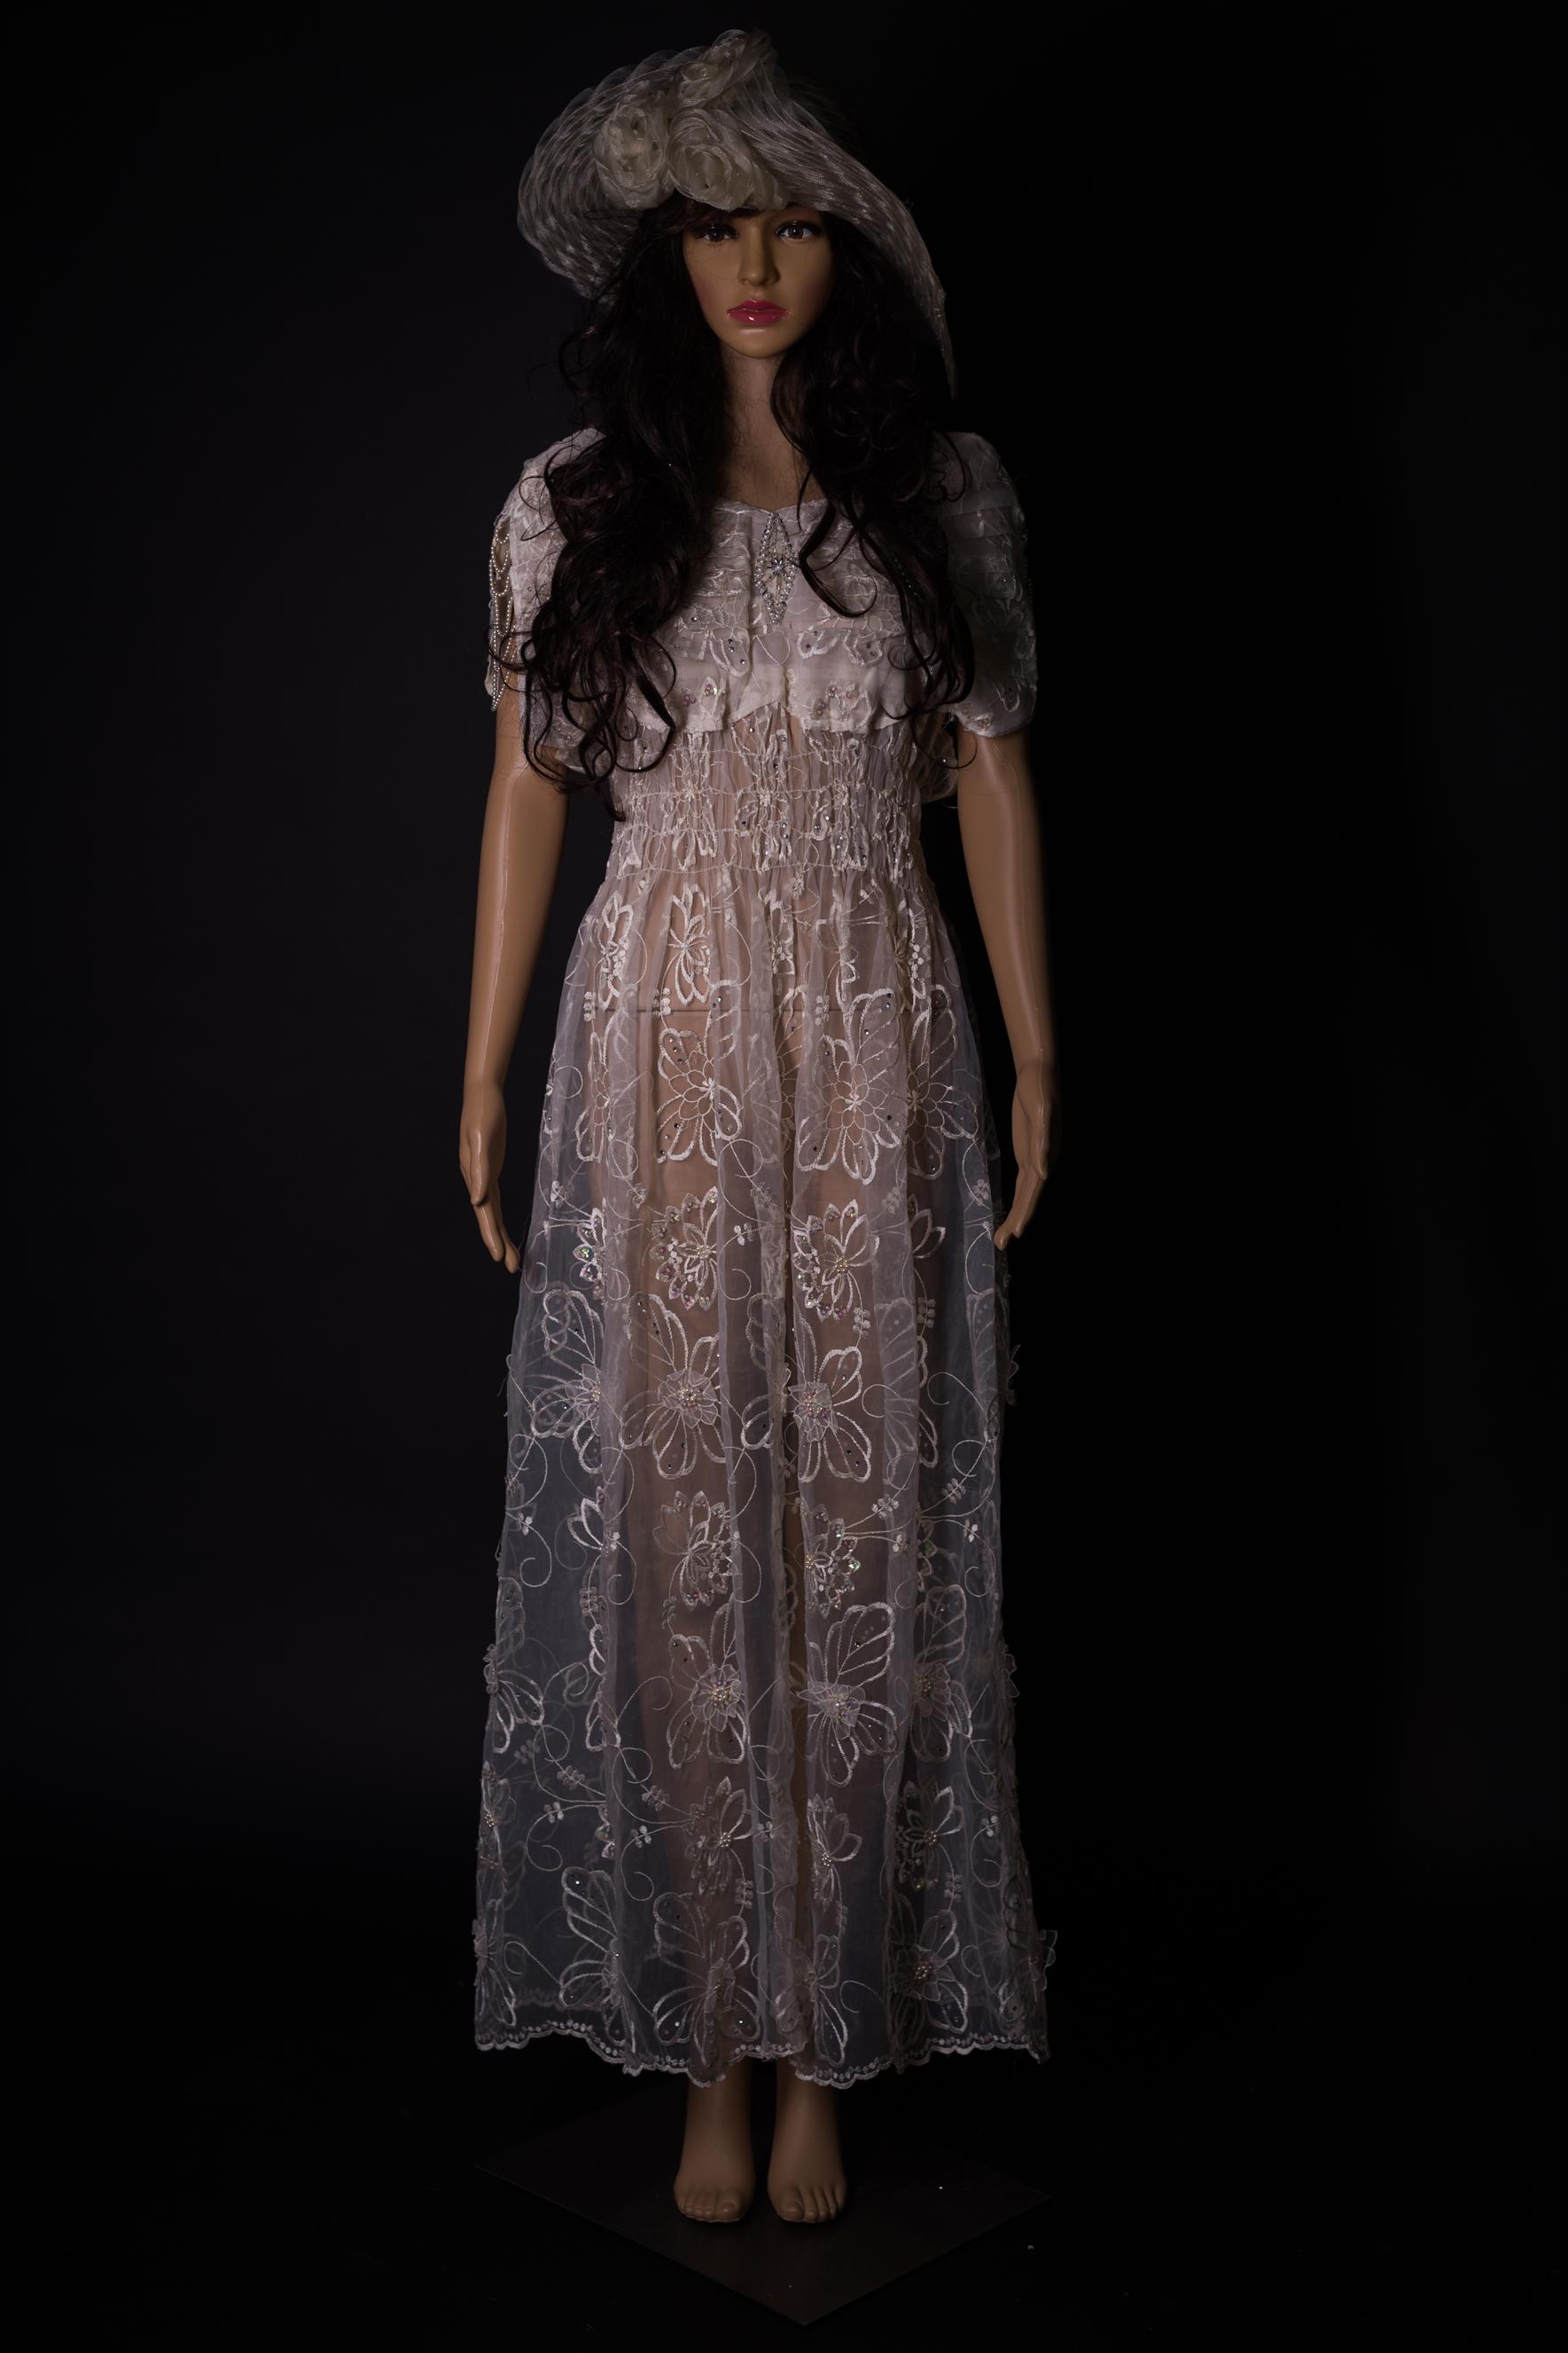 Weisses Kleid tranaparent